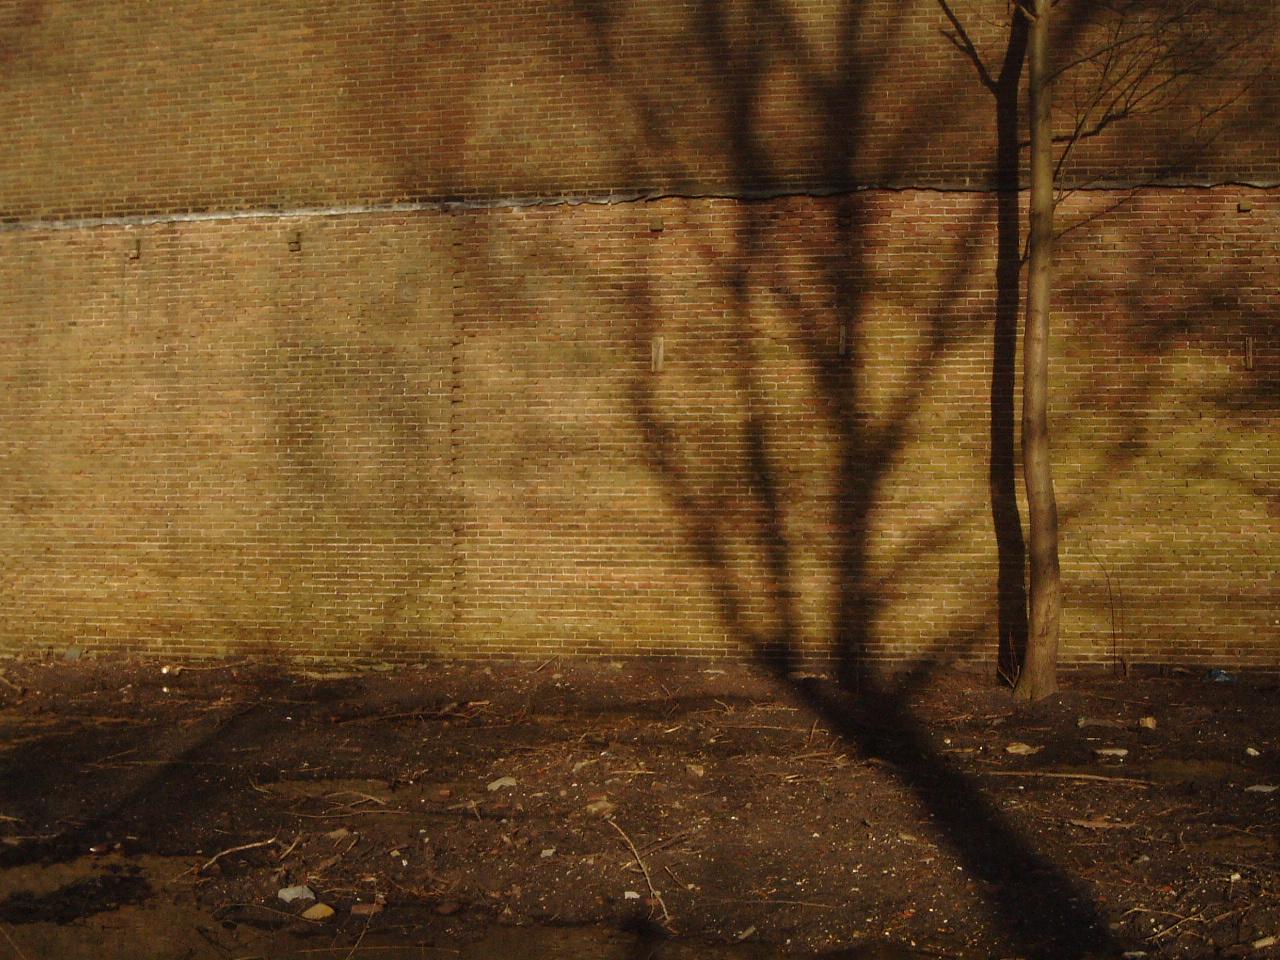 maartent wall brown bricks flat city inner